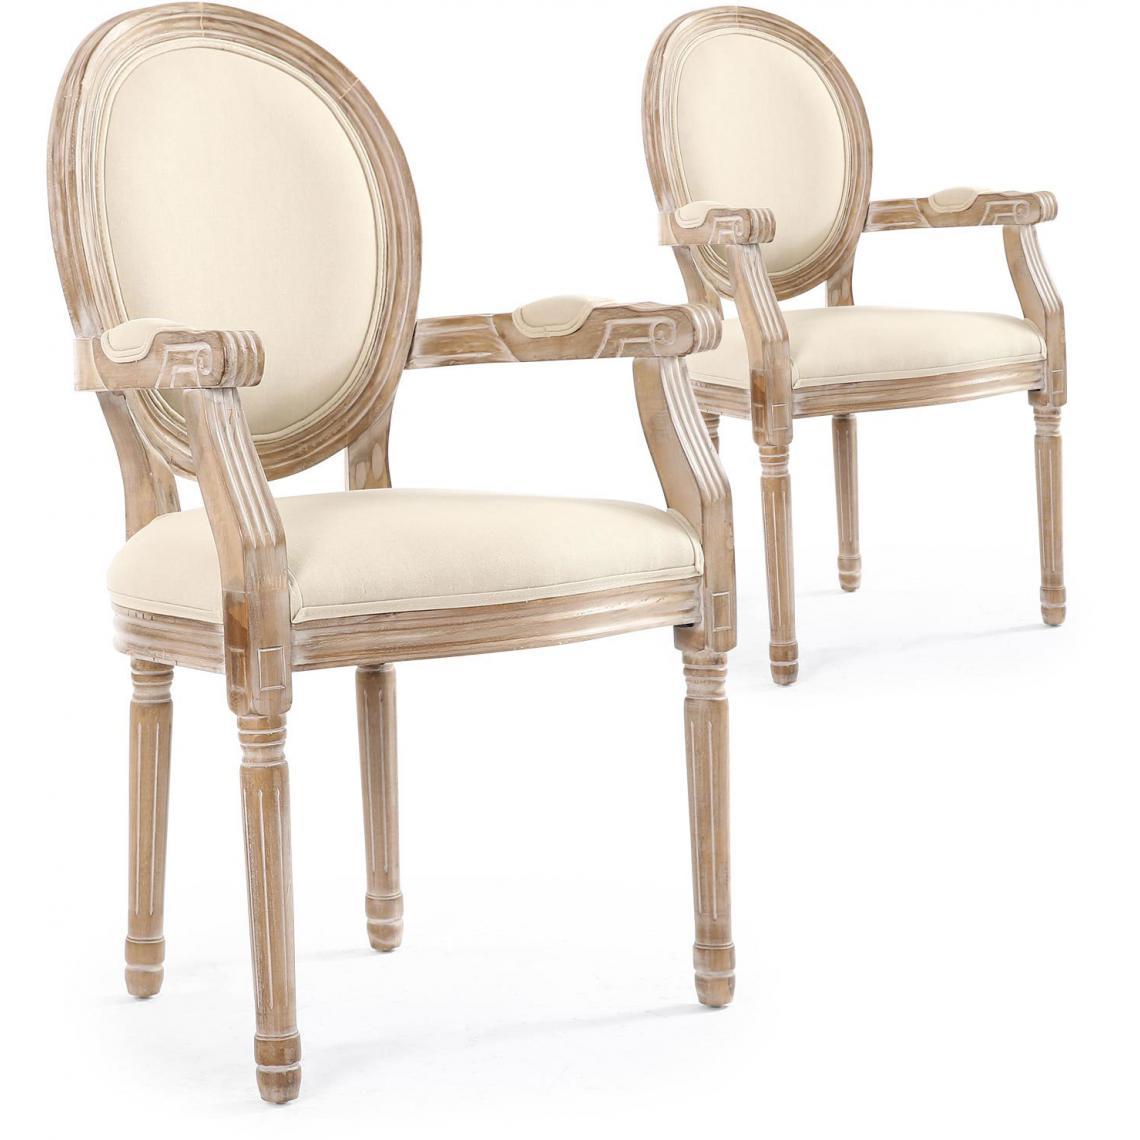 Chaise Salle A Manger Louis Xv lot de 2 chaises médaillon style louis xvi tissu beige honore plus de  détails